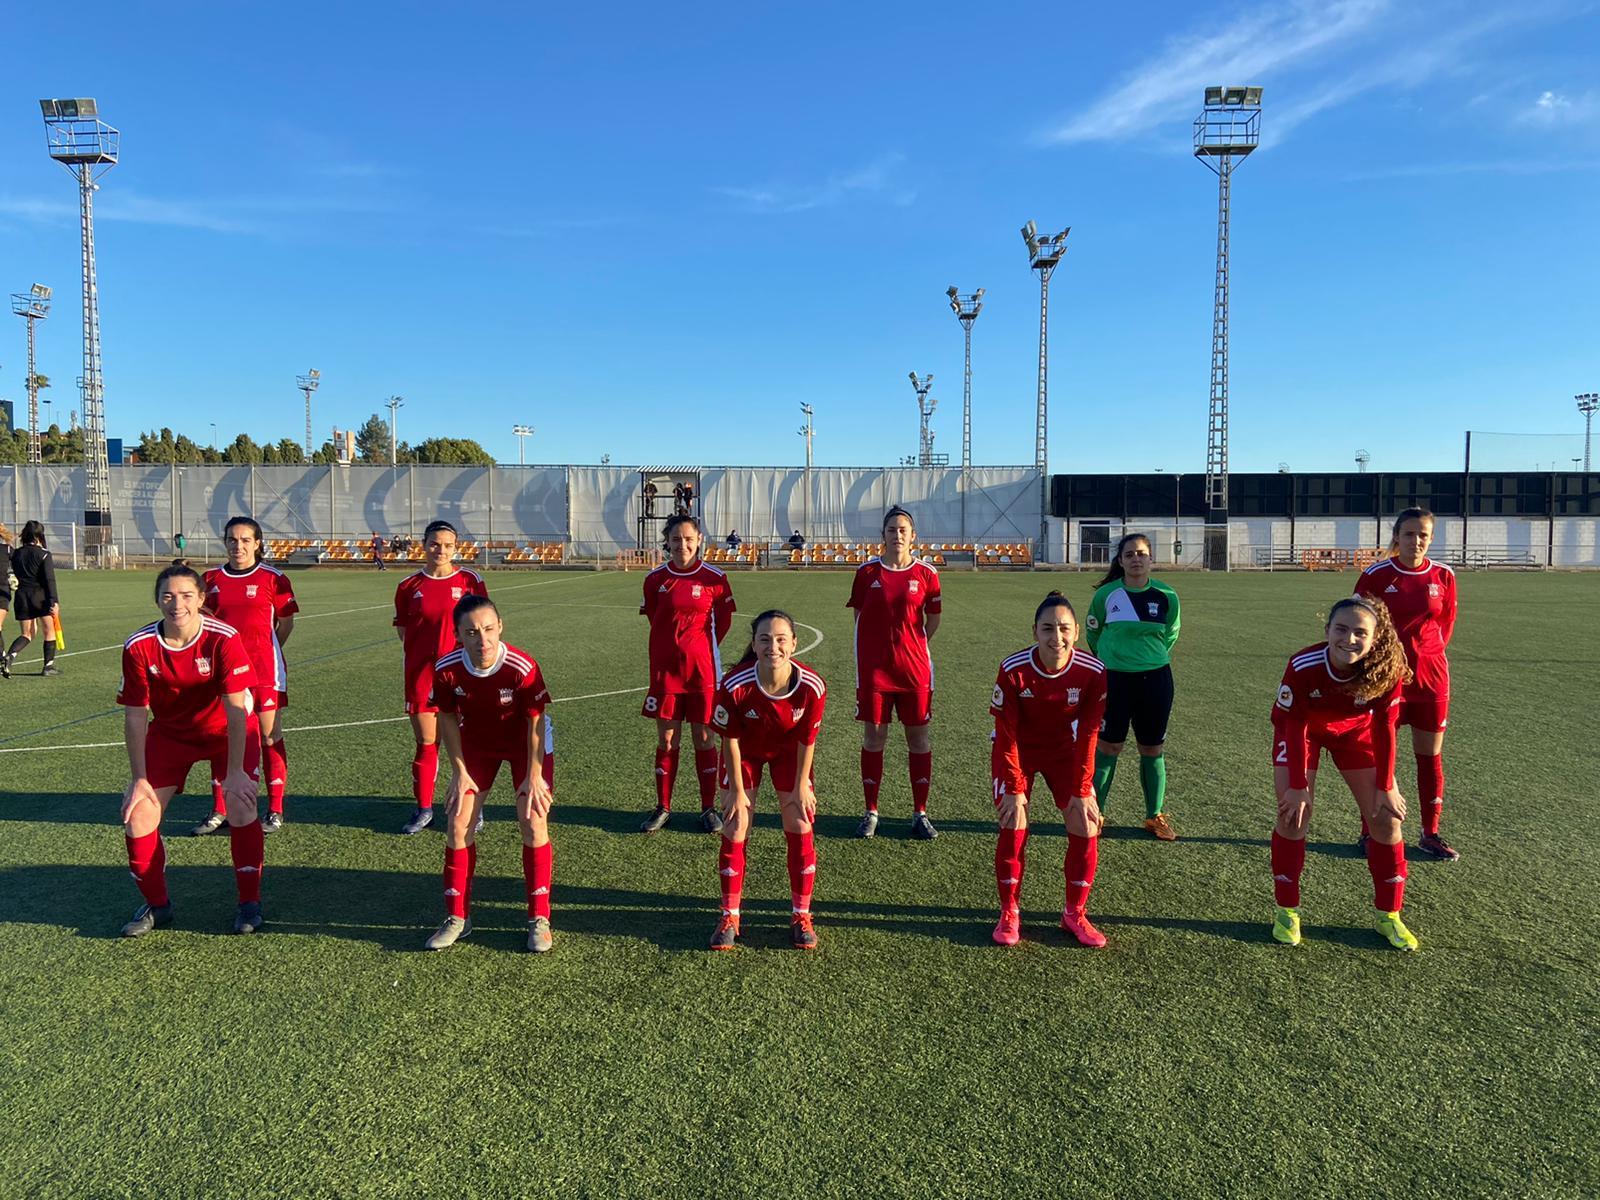 NUESTRO FEMENINO A cae derrotado en su visita a la ciudad deportiva de paterna contra el Valencia B